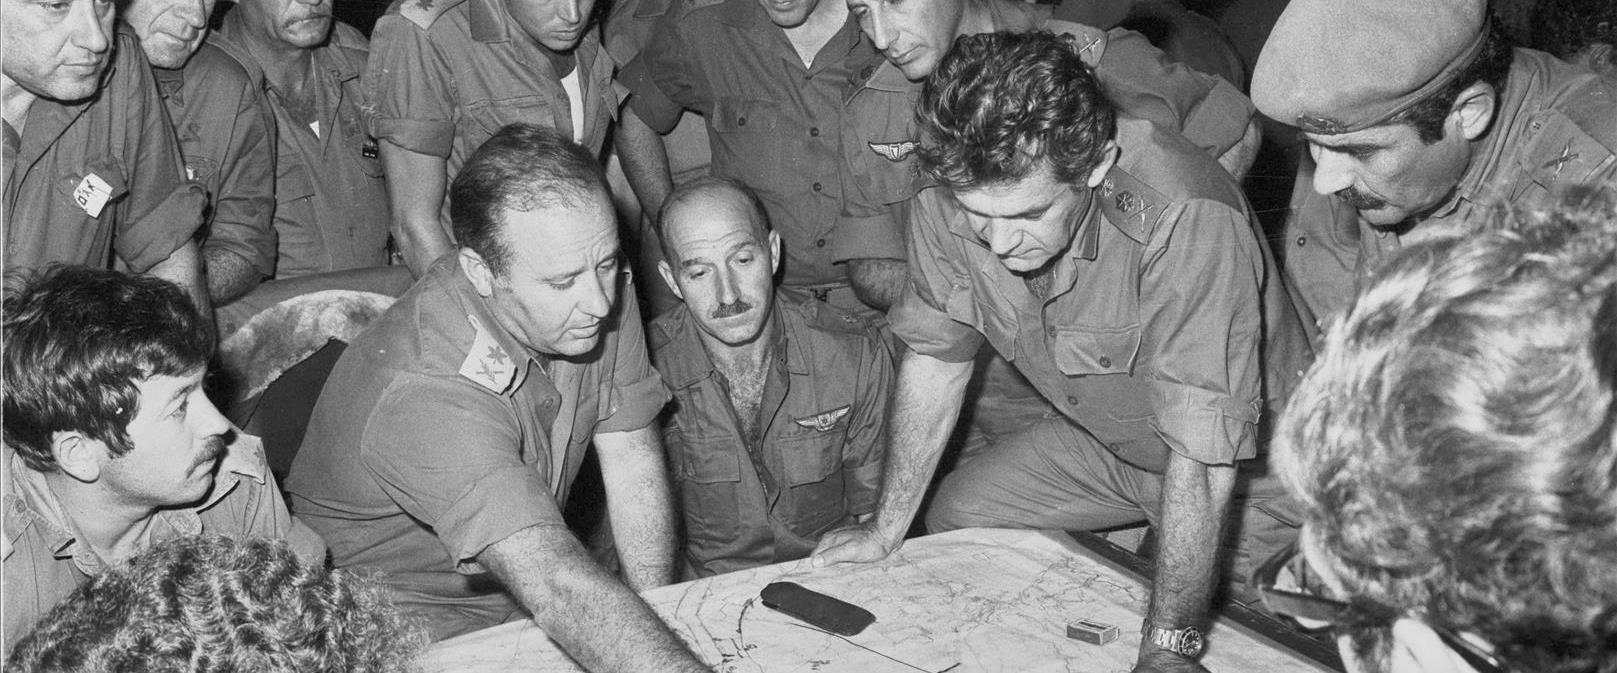 """הרמטכ""""ל בהתייעצות בפיקוד הצפון בזמן המלחמה"""